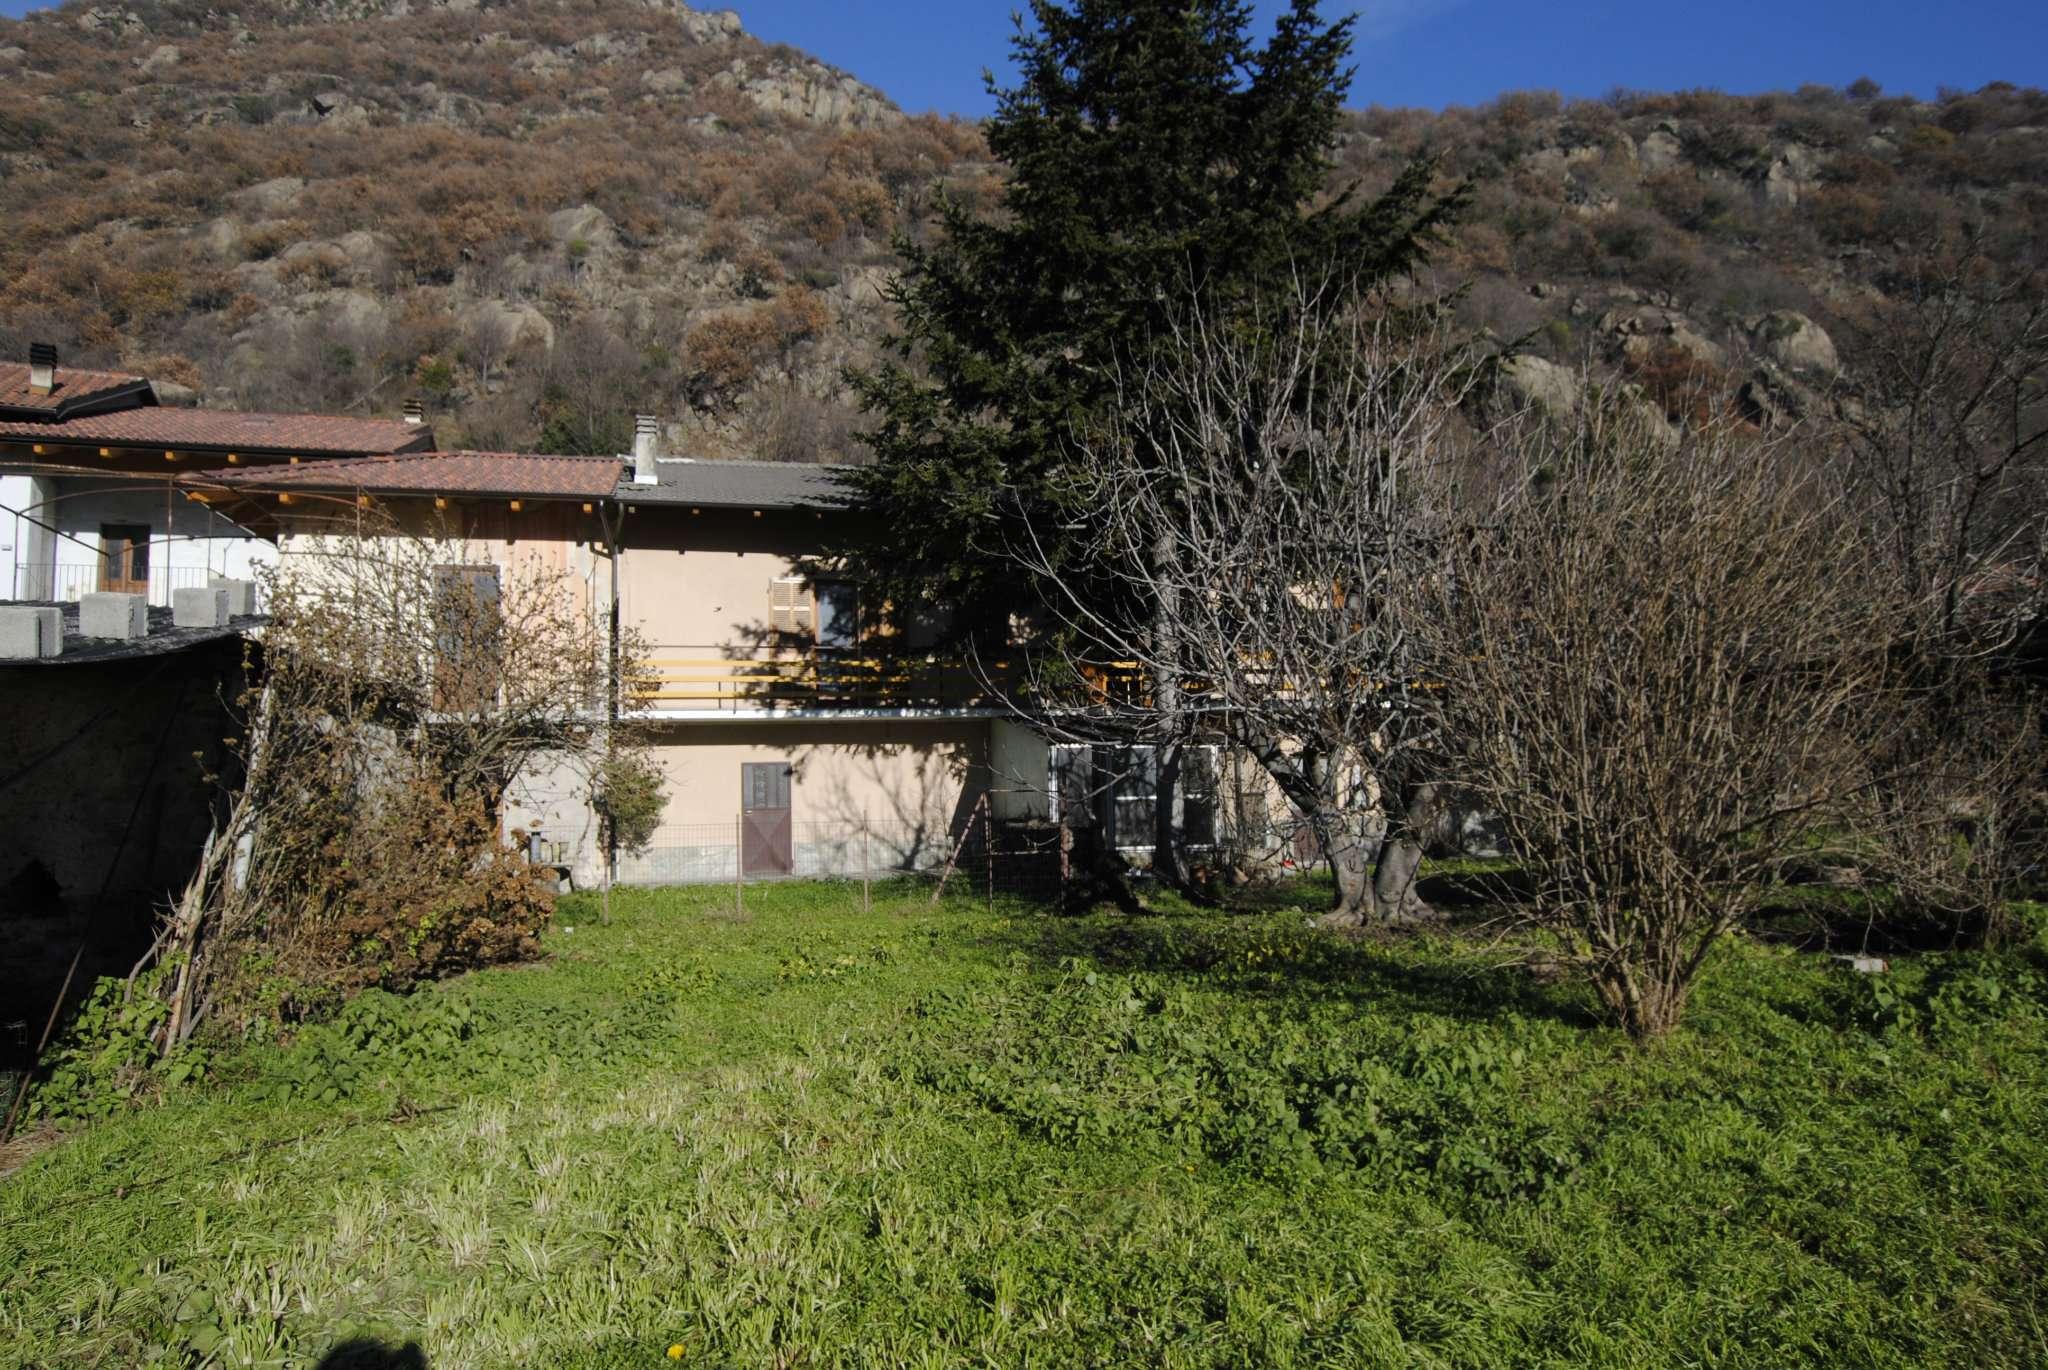 Rustico / Casale in vendita a Condove, 5 locali, prezzo € 145.000 | CambioCasa.it